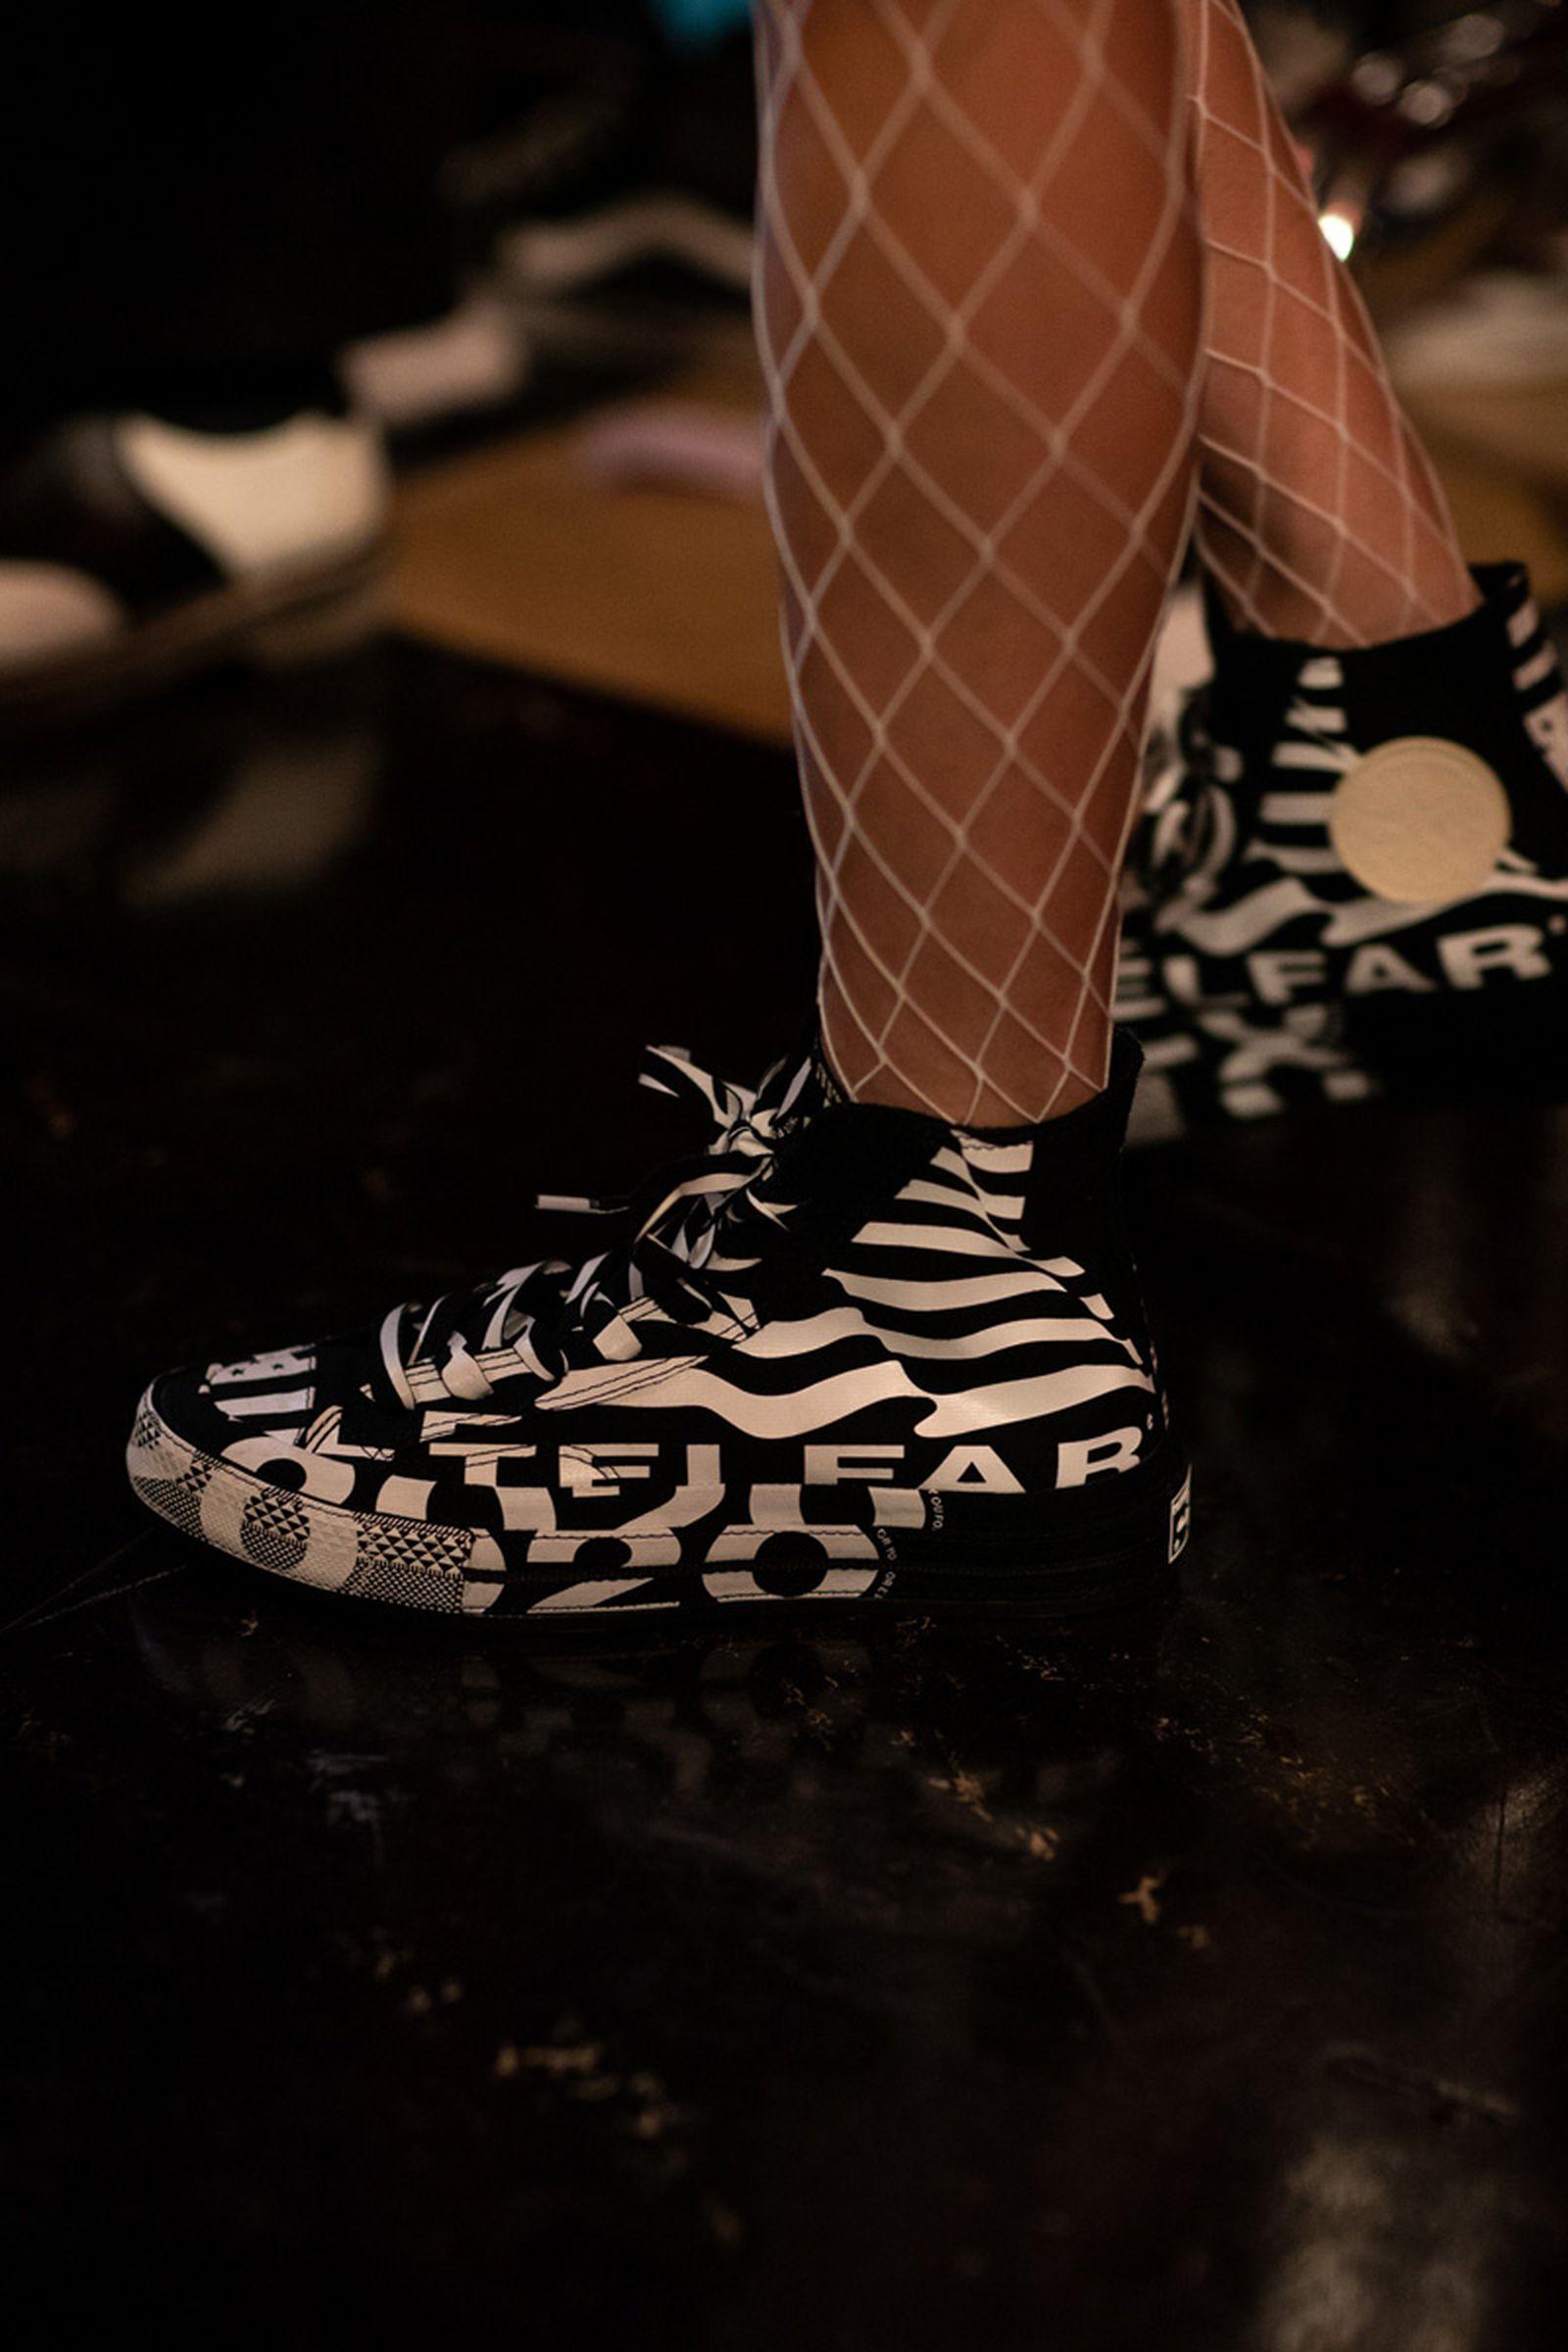 telfar paris fashion week ss20 Converse